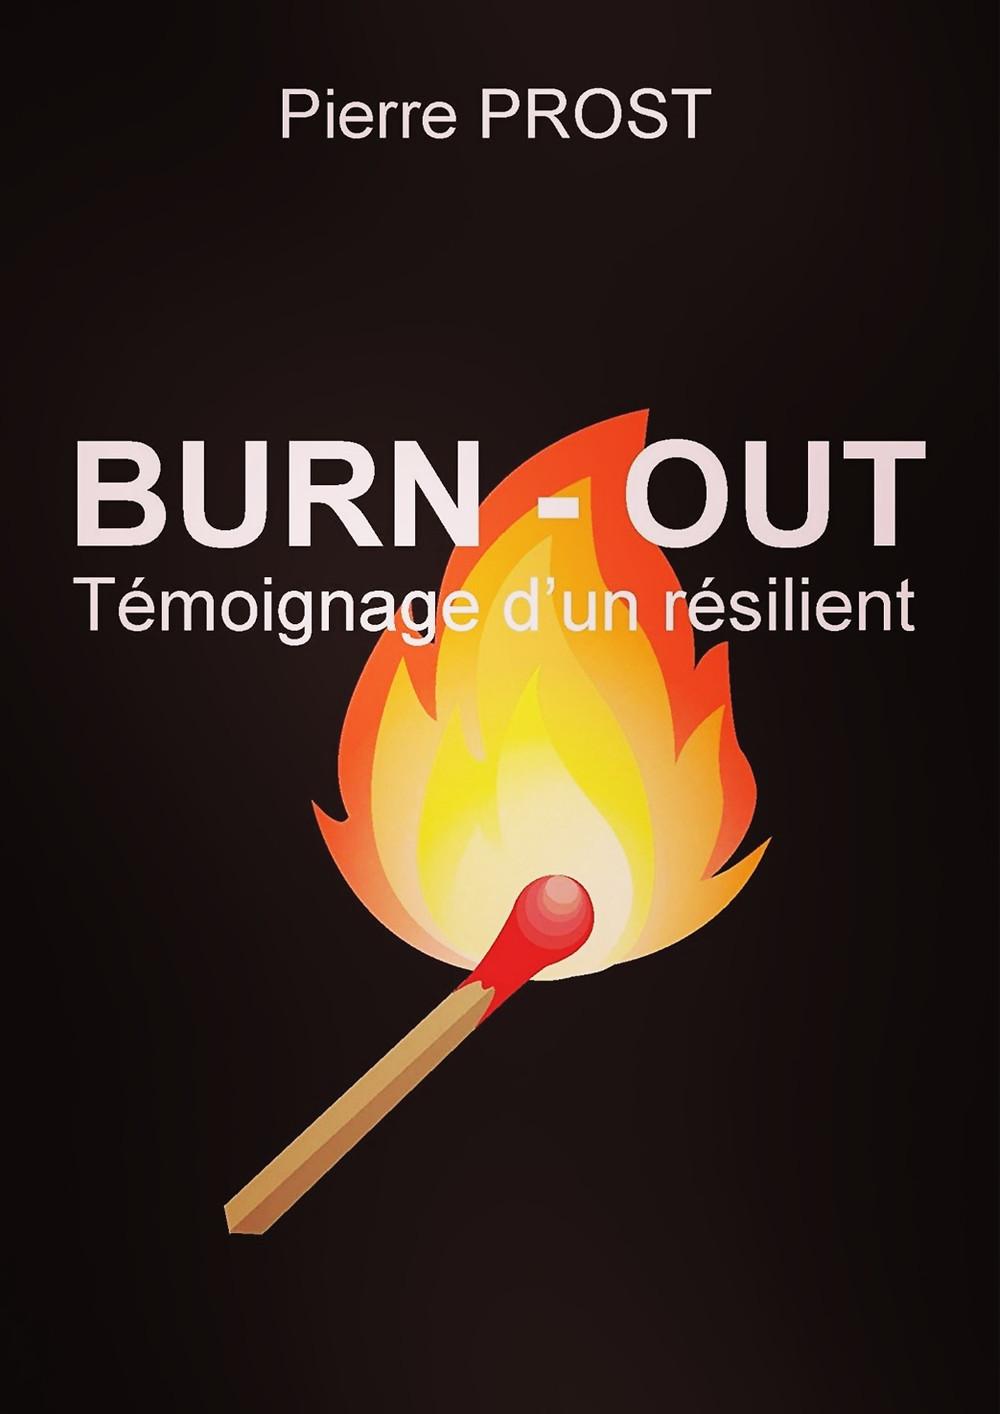 «Burn-out : témoignage d'un résilient» de Pierre Prost